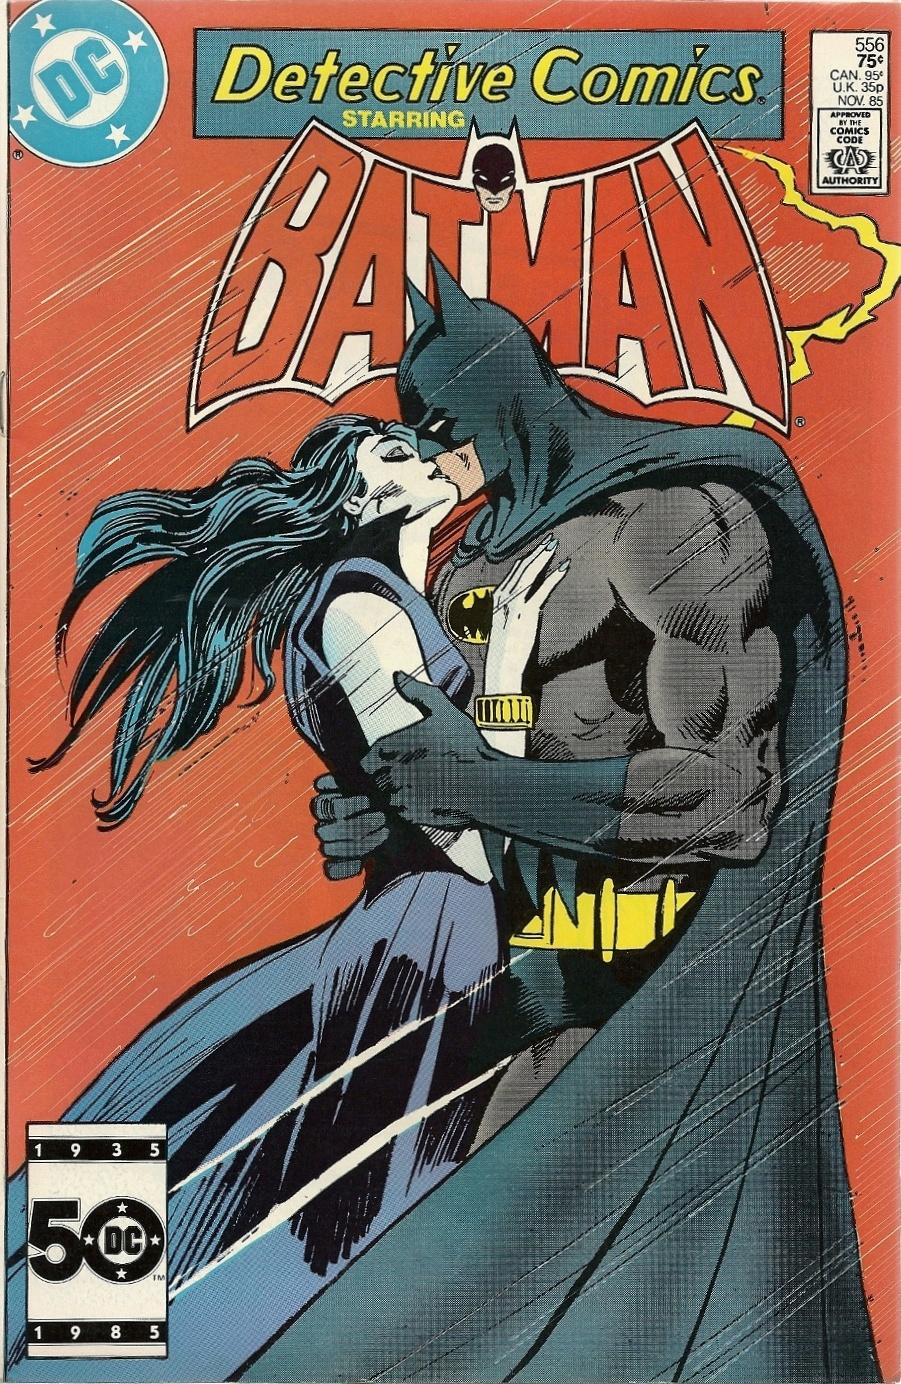 Portadas de cómics Det55610